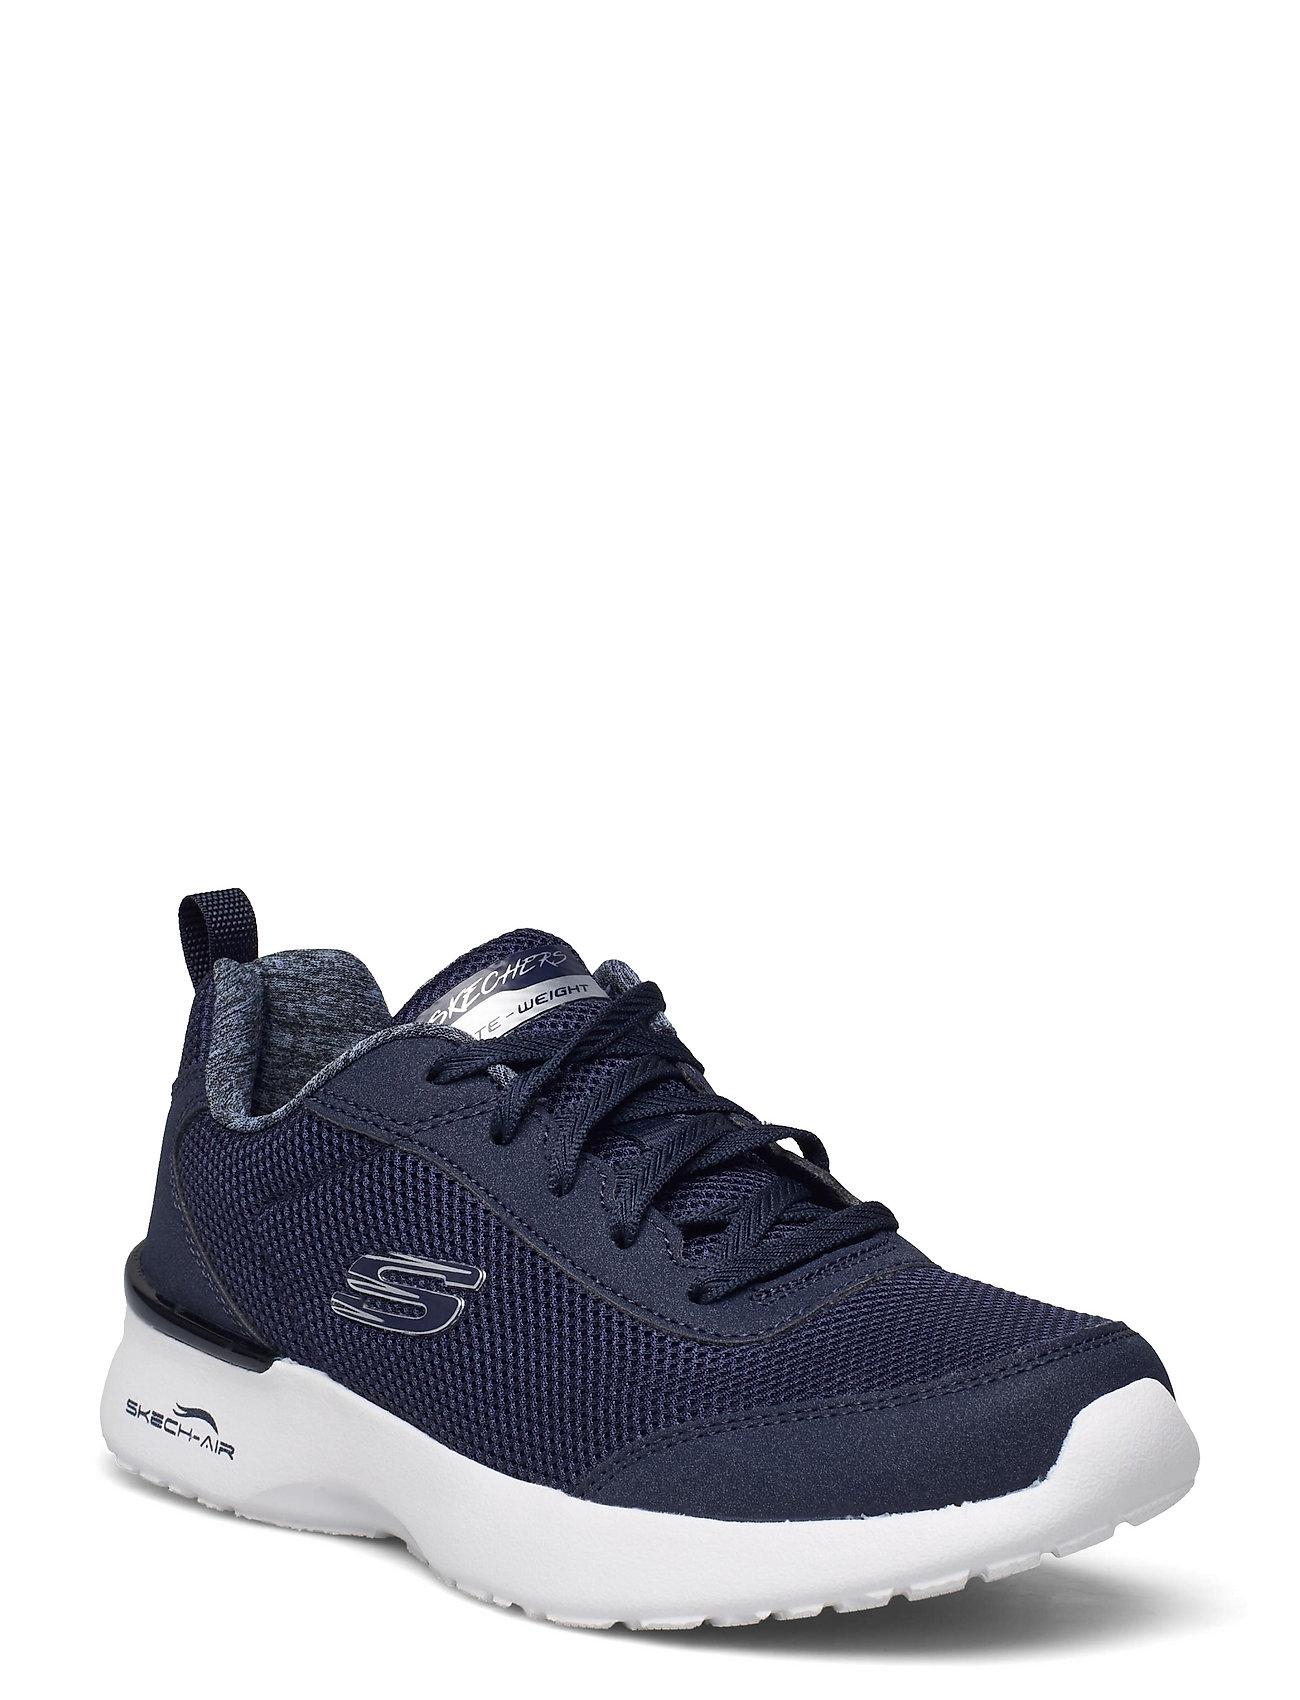 Womens Skech-Air Dynamight Low-top Sneakers Blå Skechers